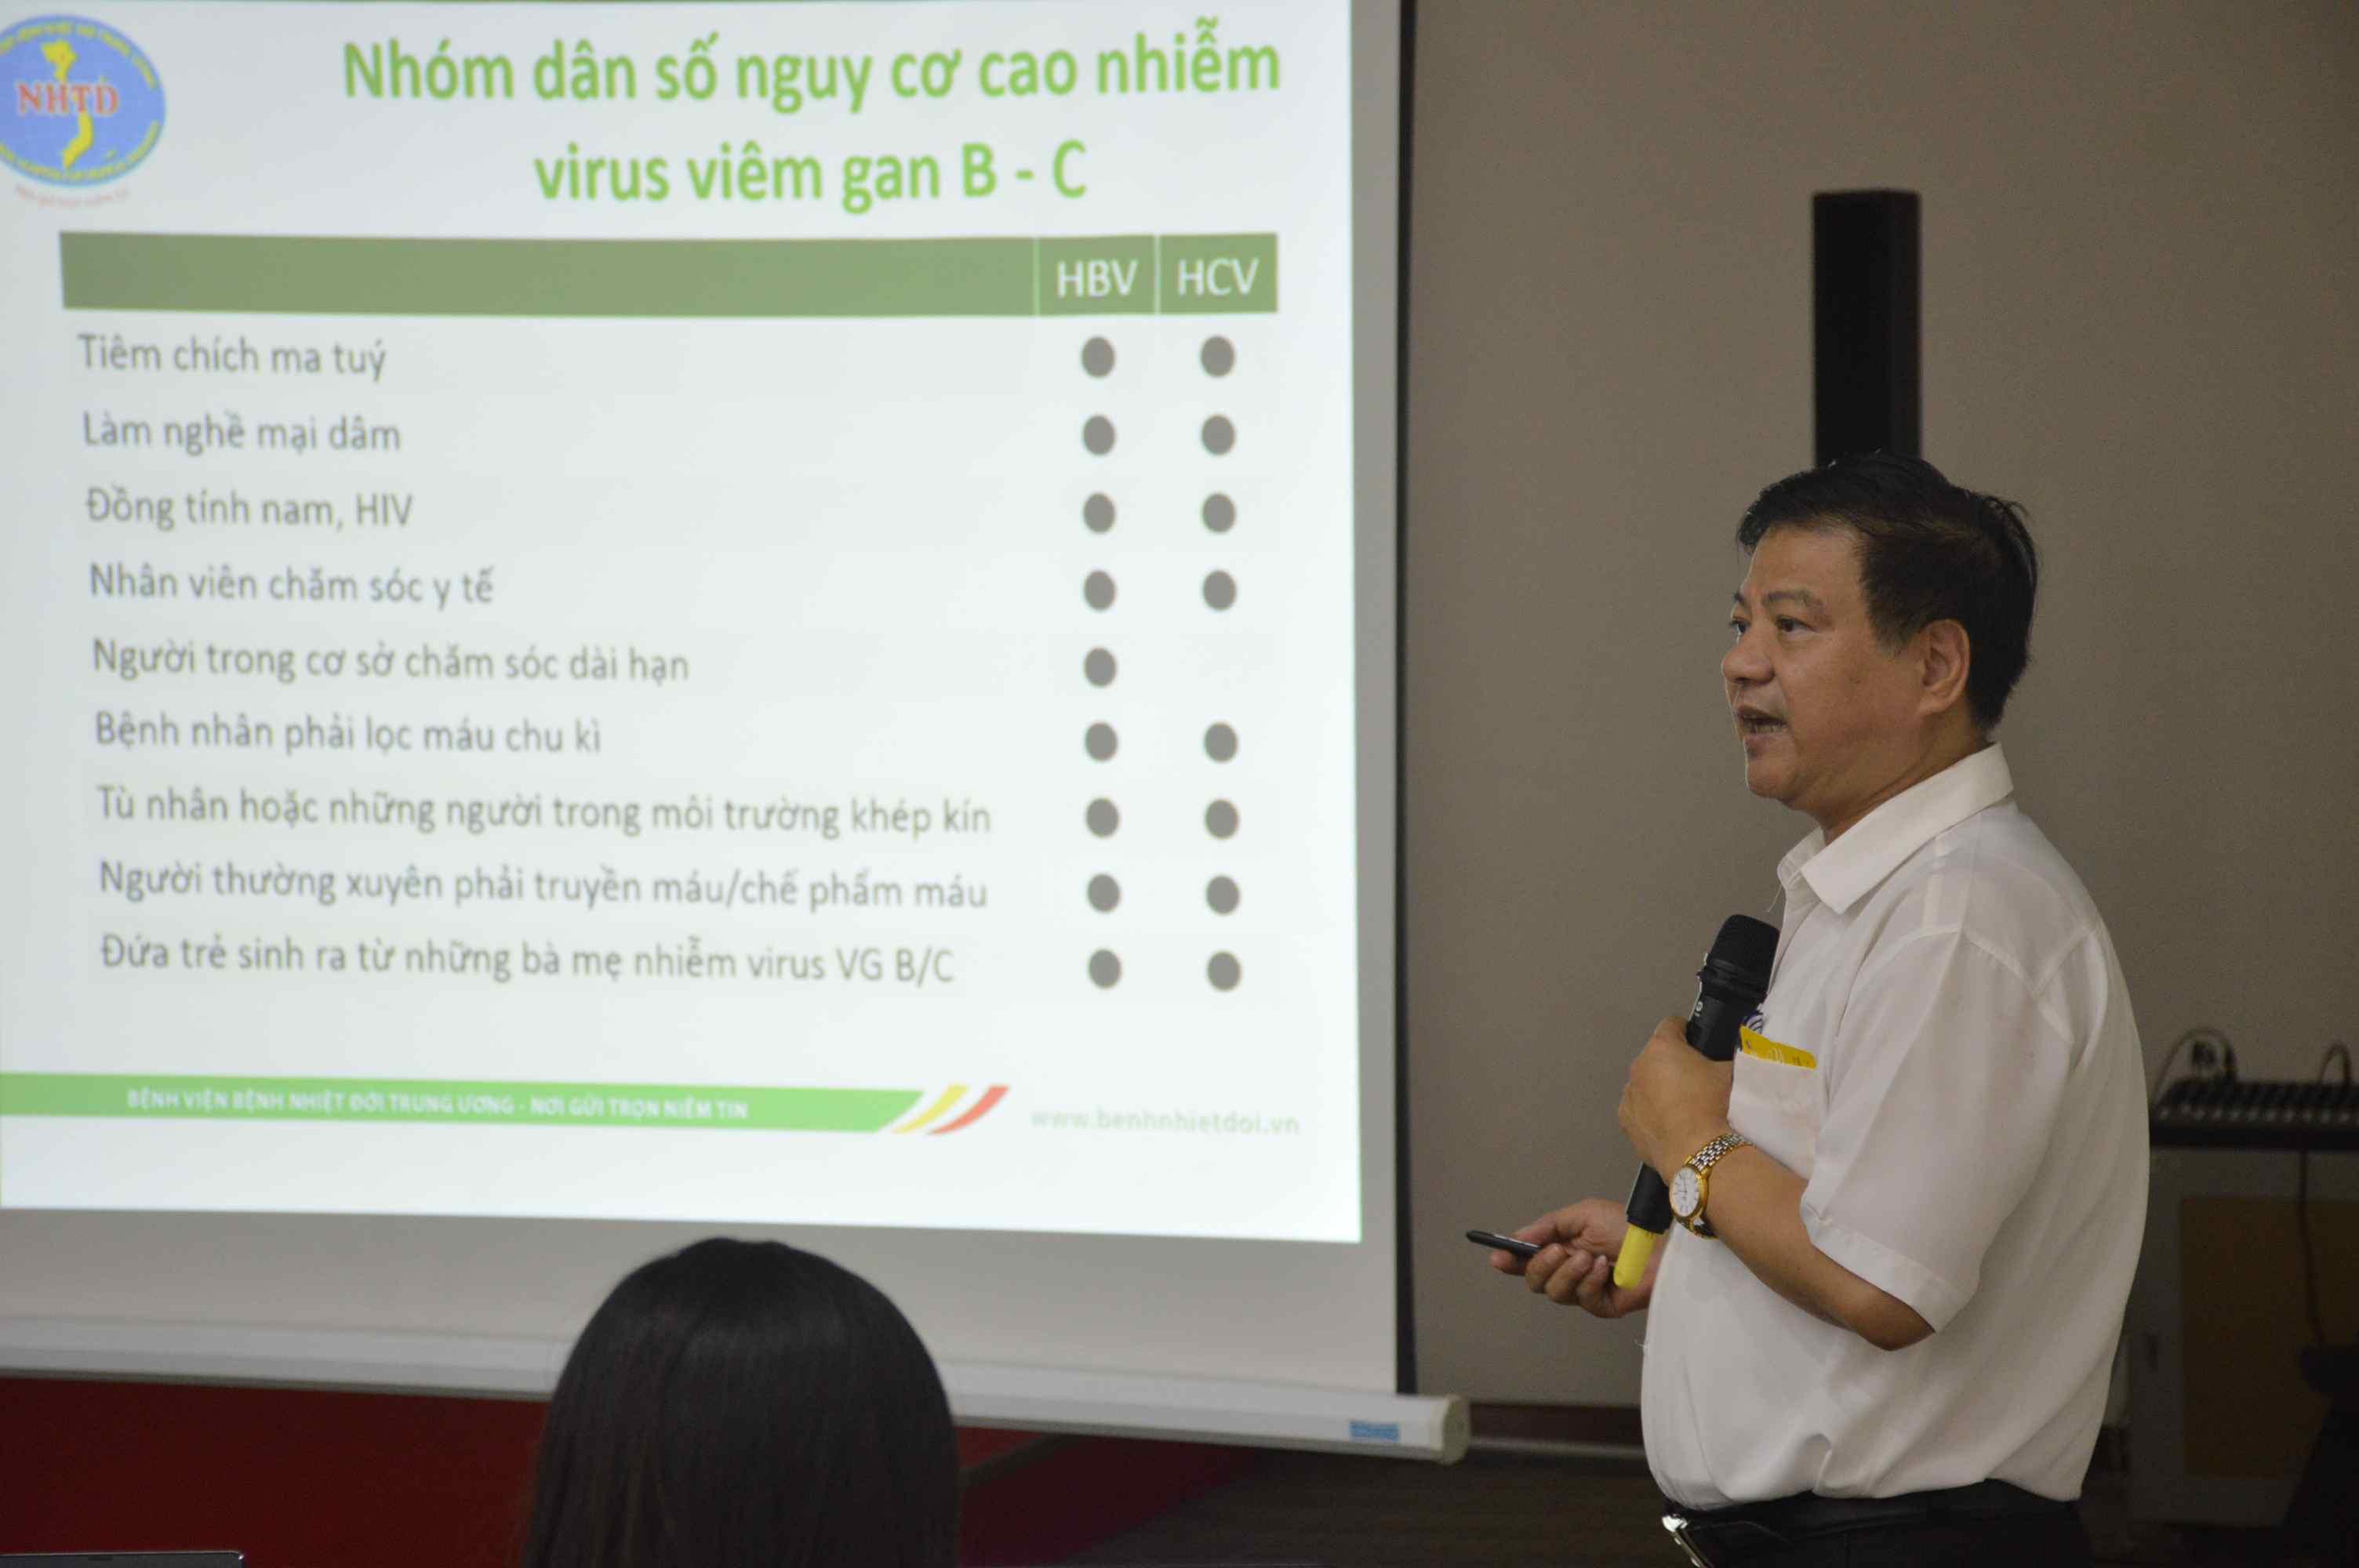 GS.TS Nguyễn Văn Kính phát biểu tại hội thảo. Ảnh: Q.T